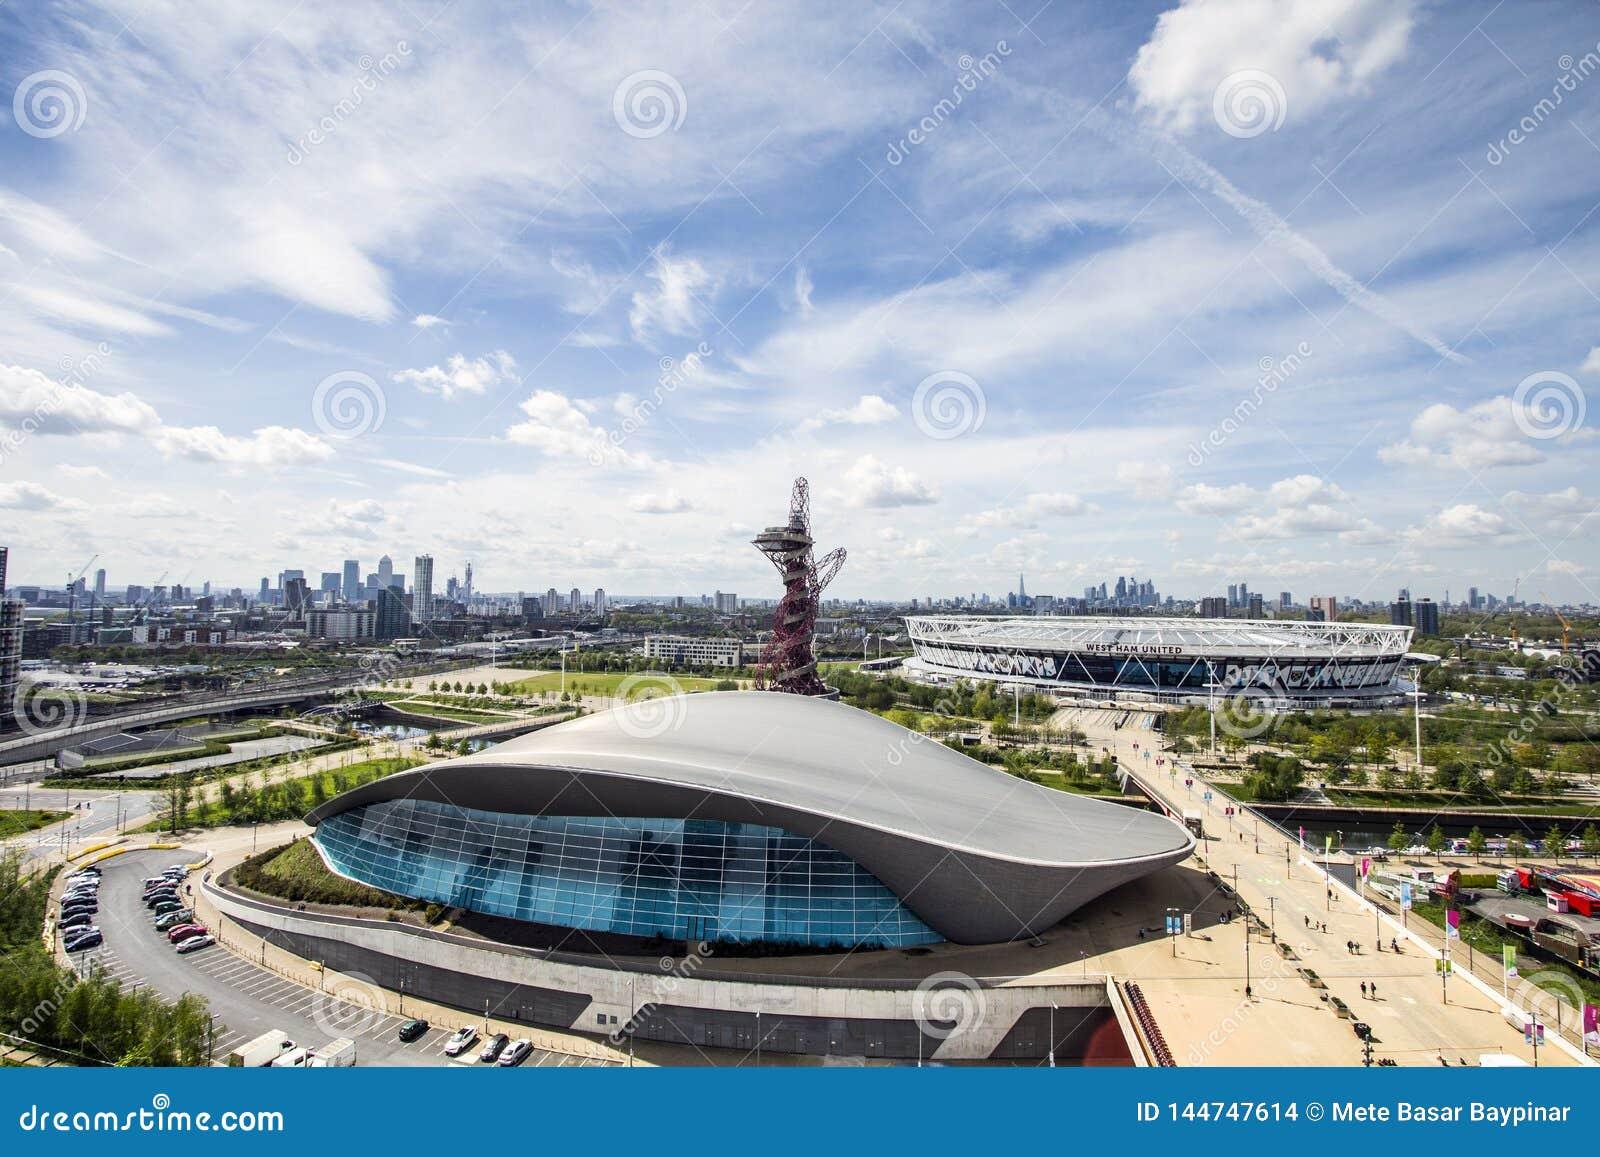 Los Aquatics del oeste de Ham United London Stadium y de Londres se centran en el frente, Canary Wharf y la ciudad de Londres en